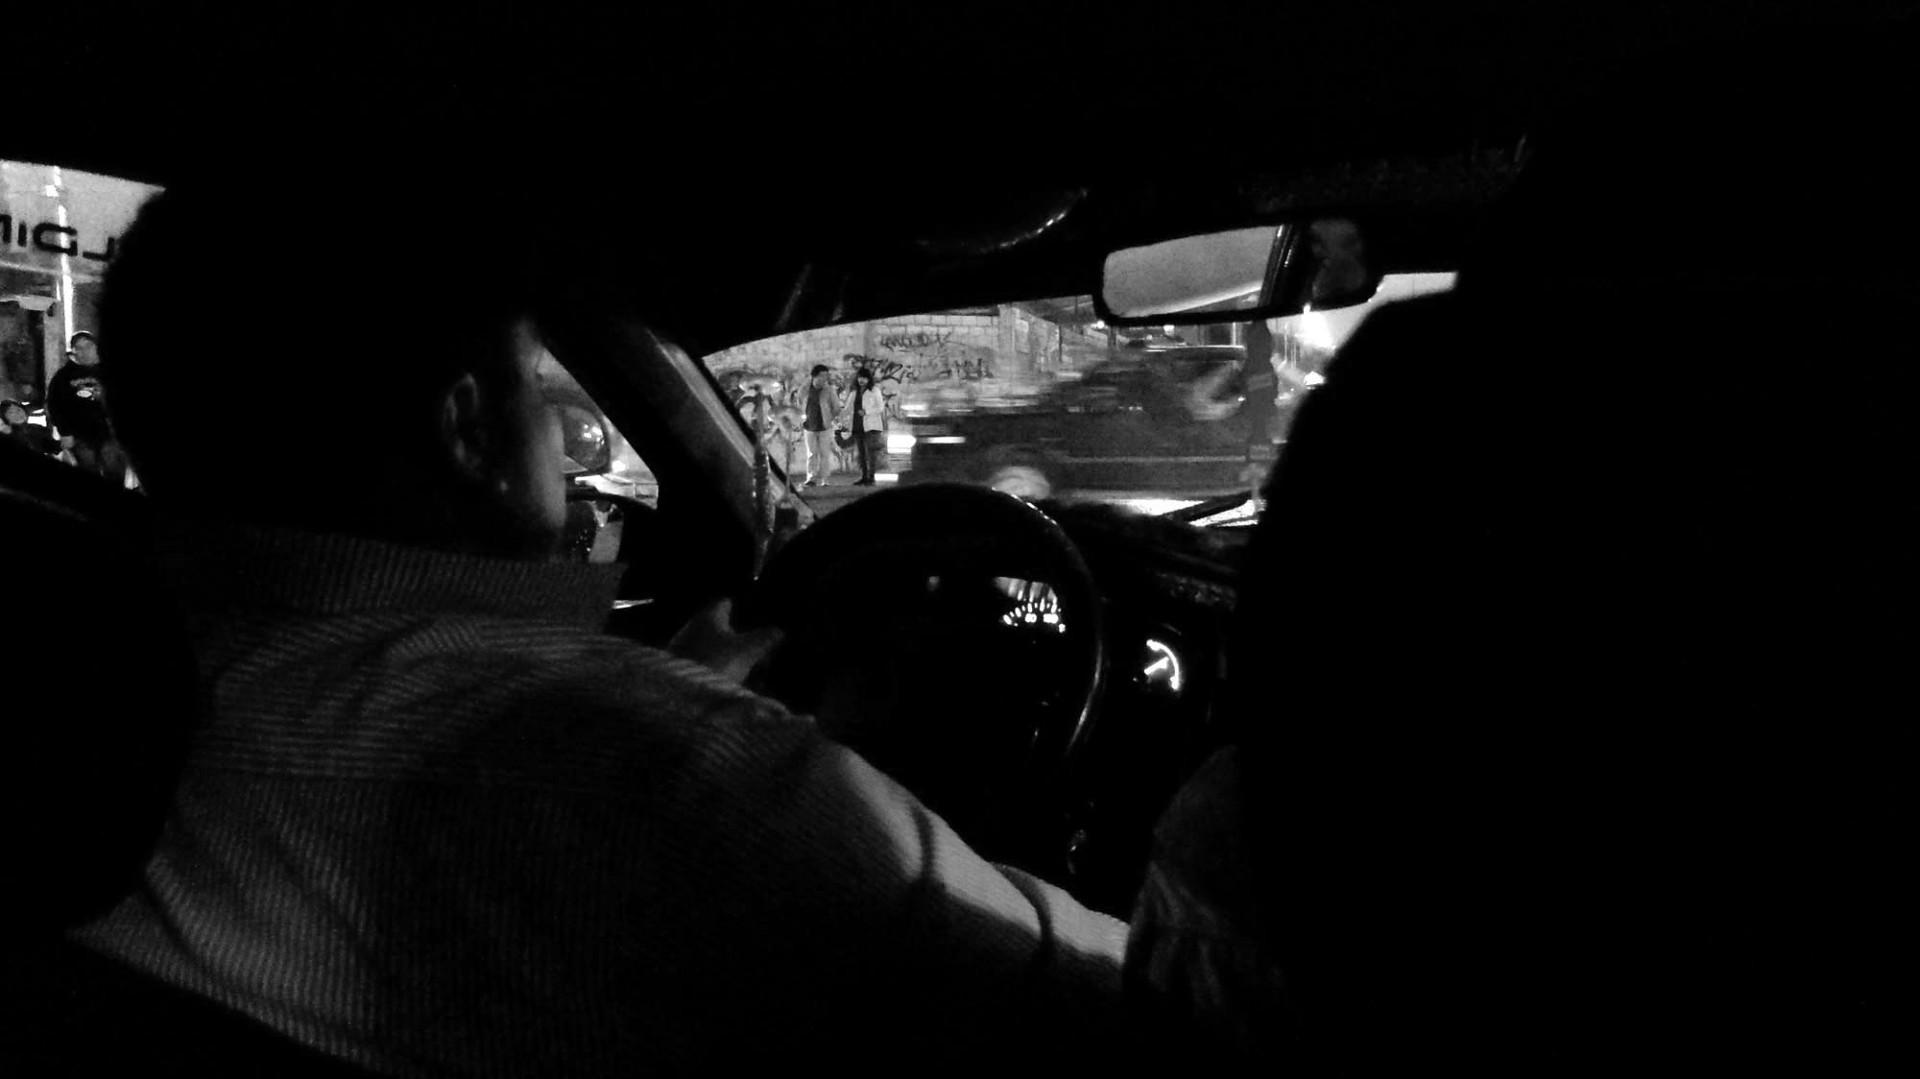 Un taxi a cualquier punto de la ciudad cuesta 4 soles. 800 pesos. Ni Uber.